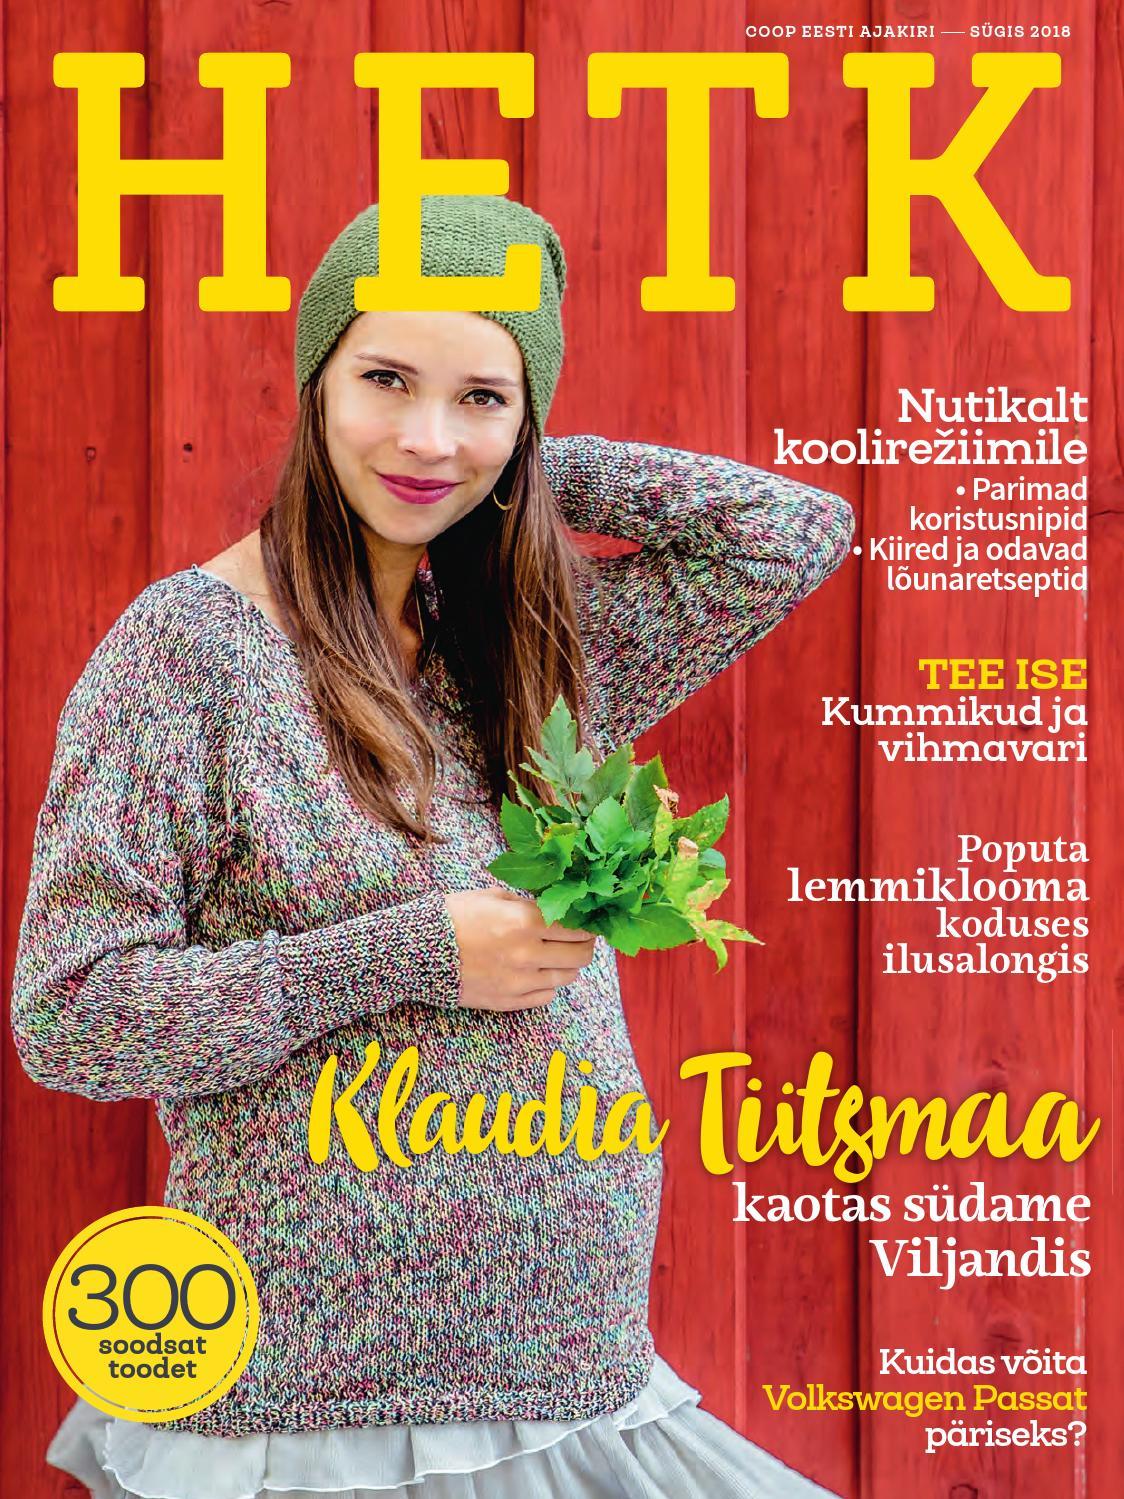 63947c7833b Coop kliendiajakiri Hetk sügis 2018 by Coop Eesti - issuu